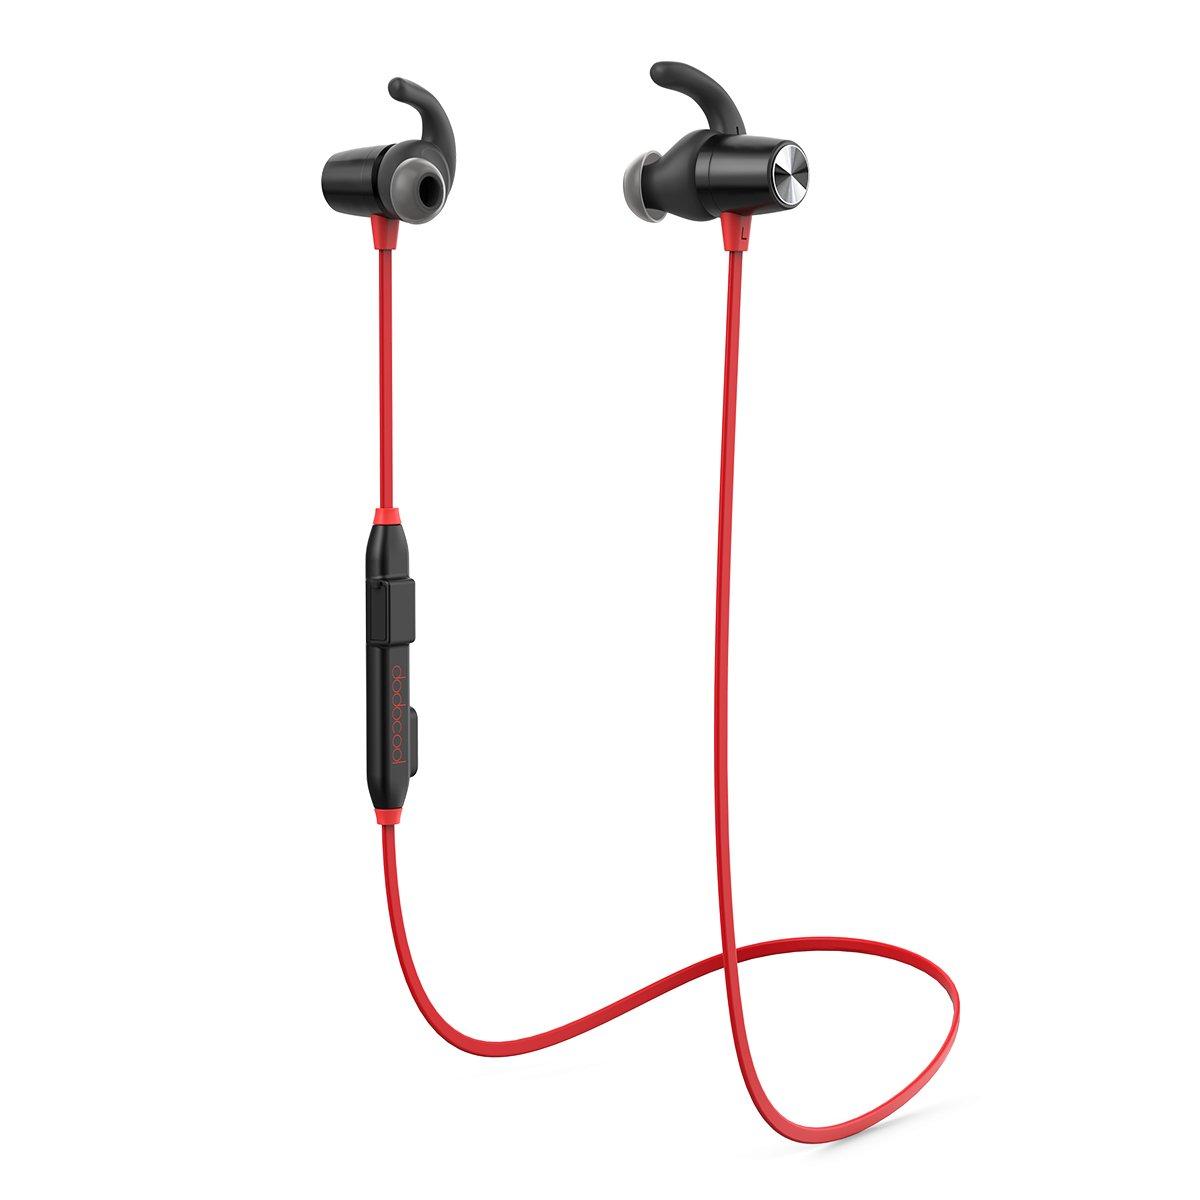 Cuffie Bluetooth 4.1 con microfono dodocool